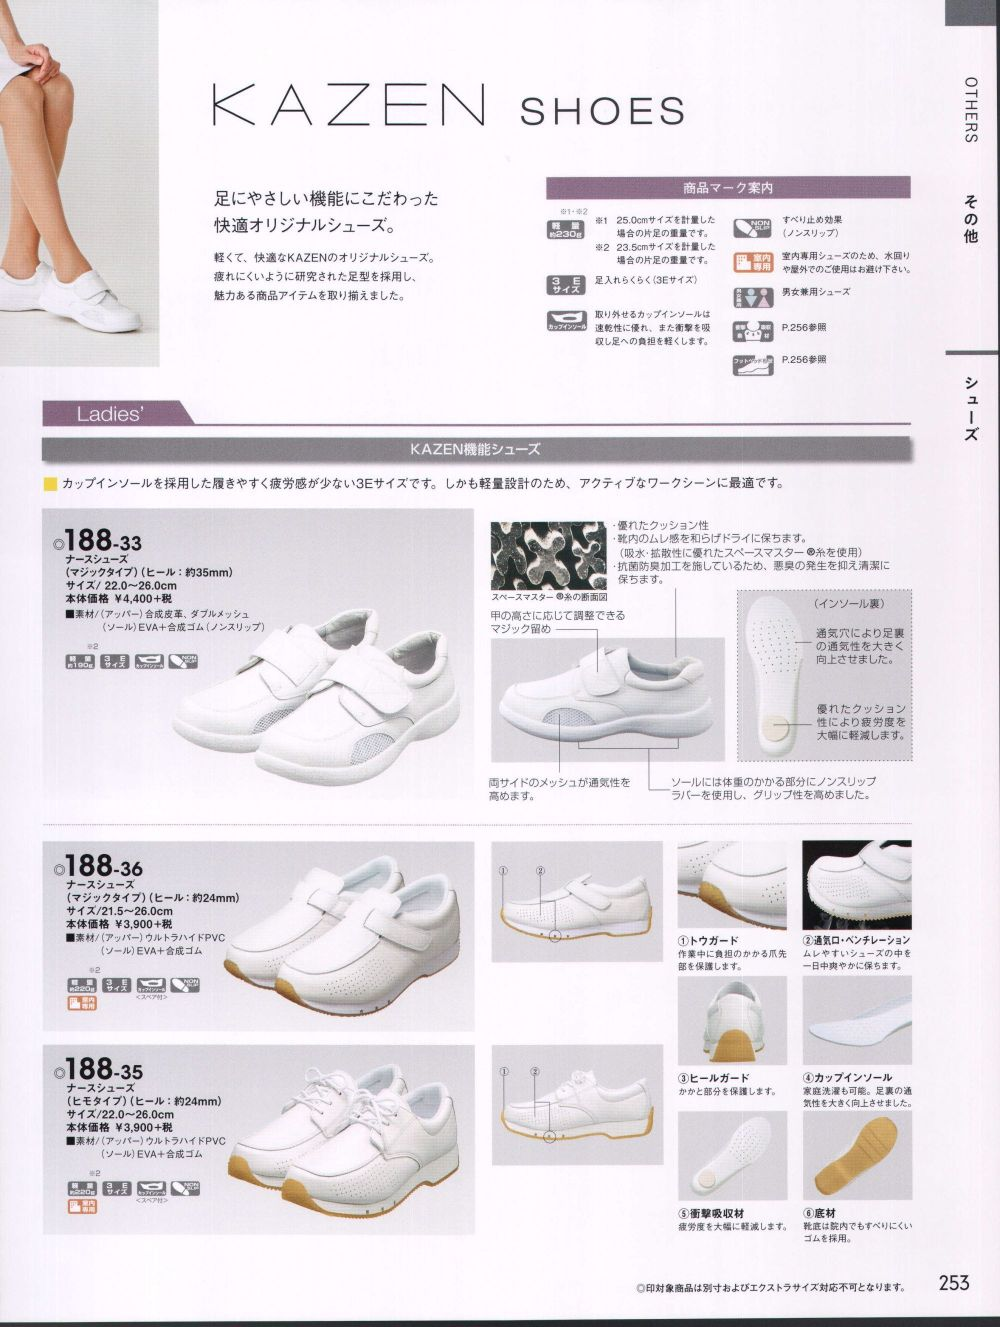 ユニフォーム1 KAZENのシューズ(靴) 188-33